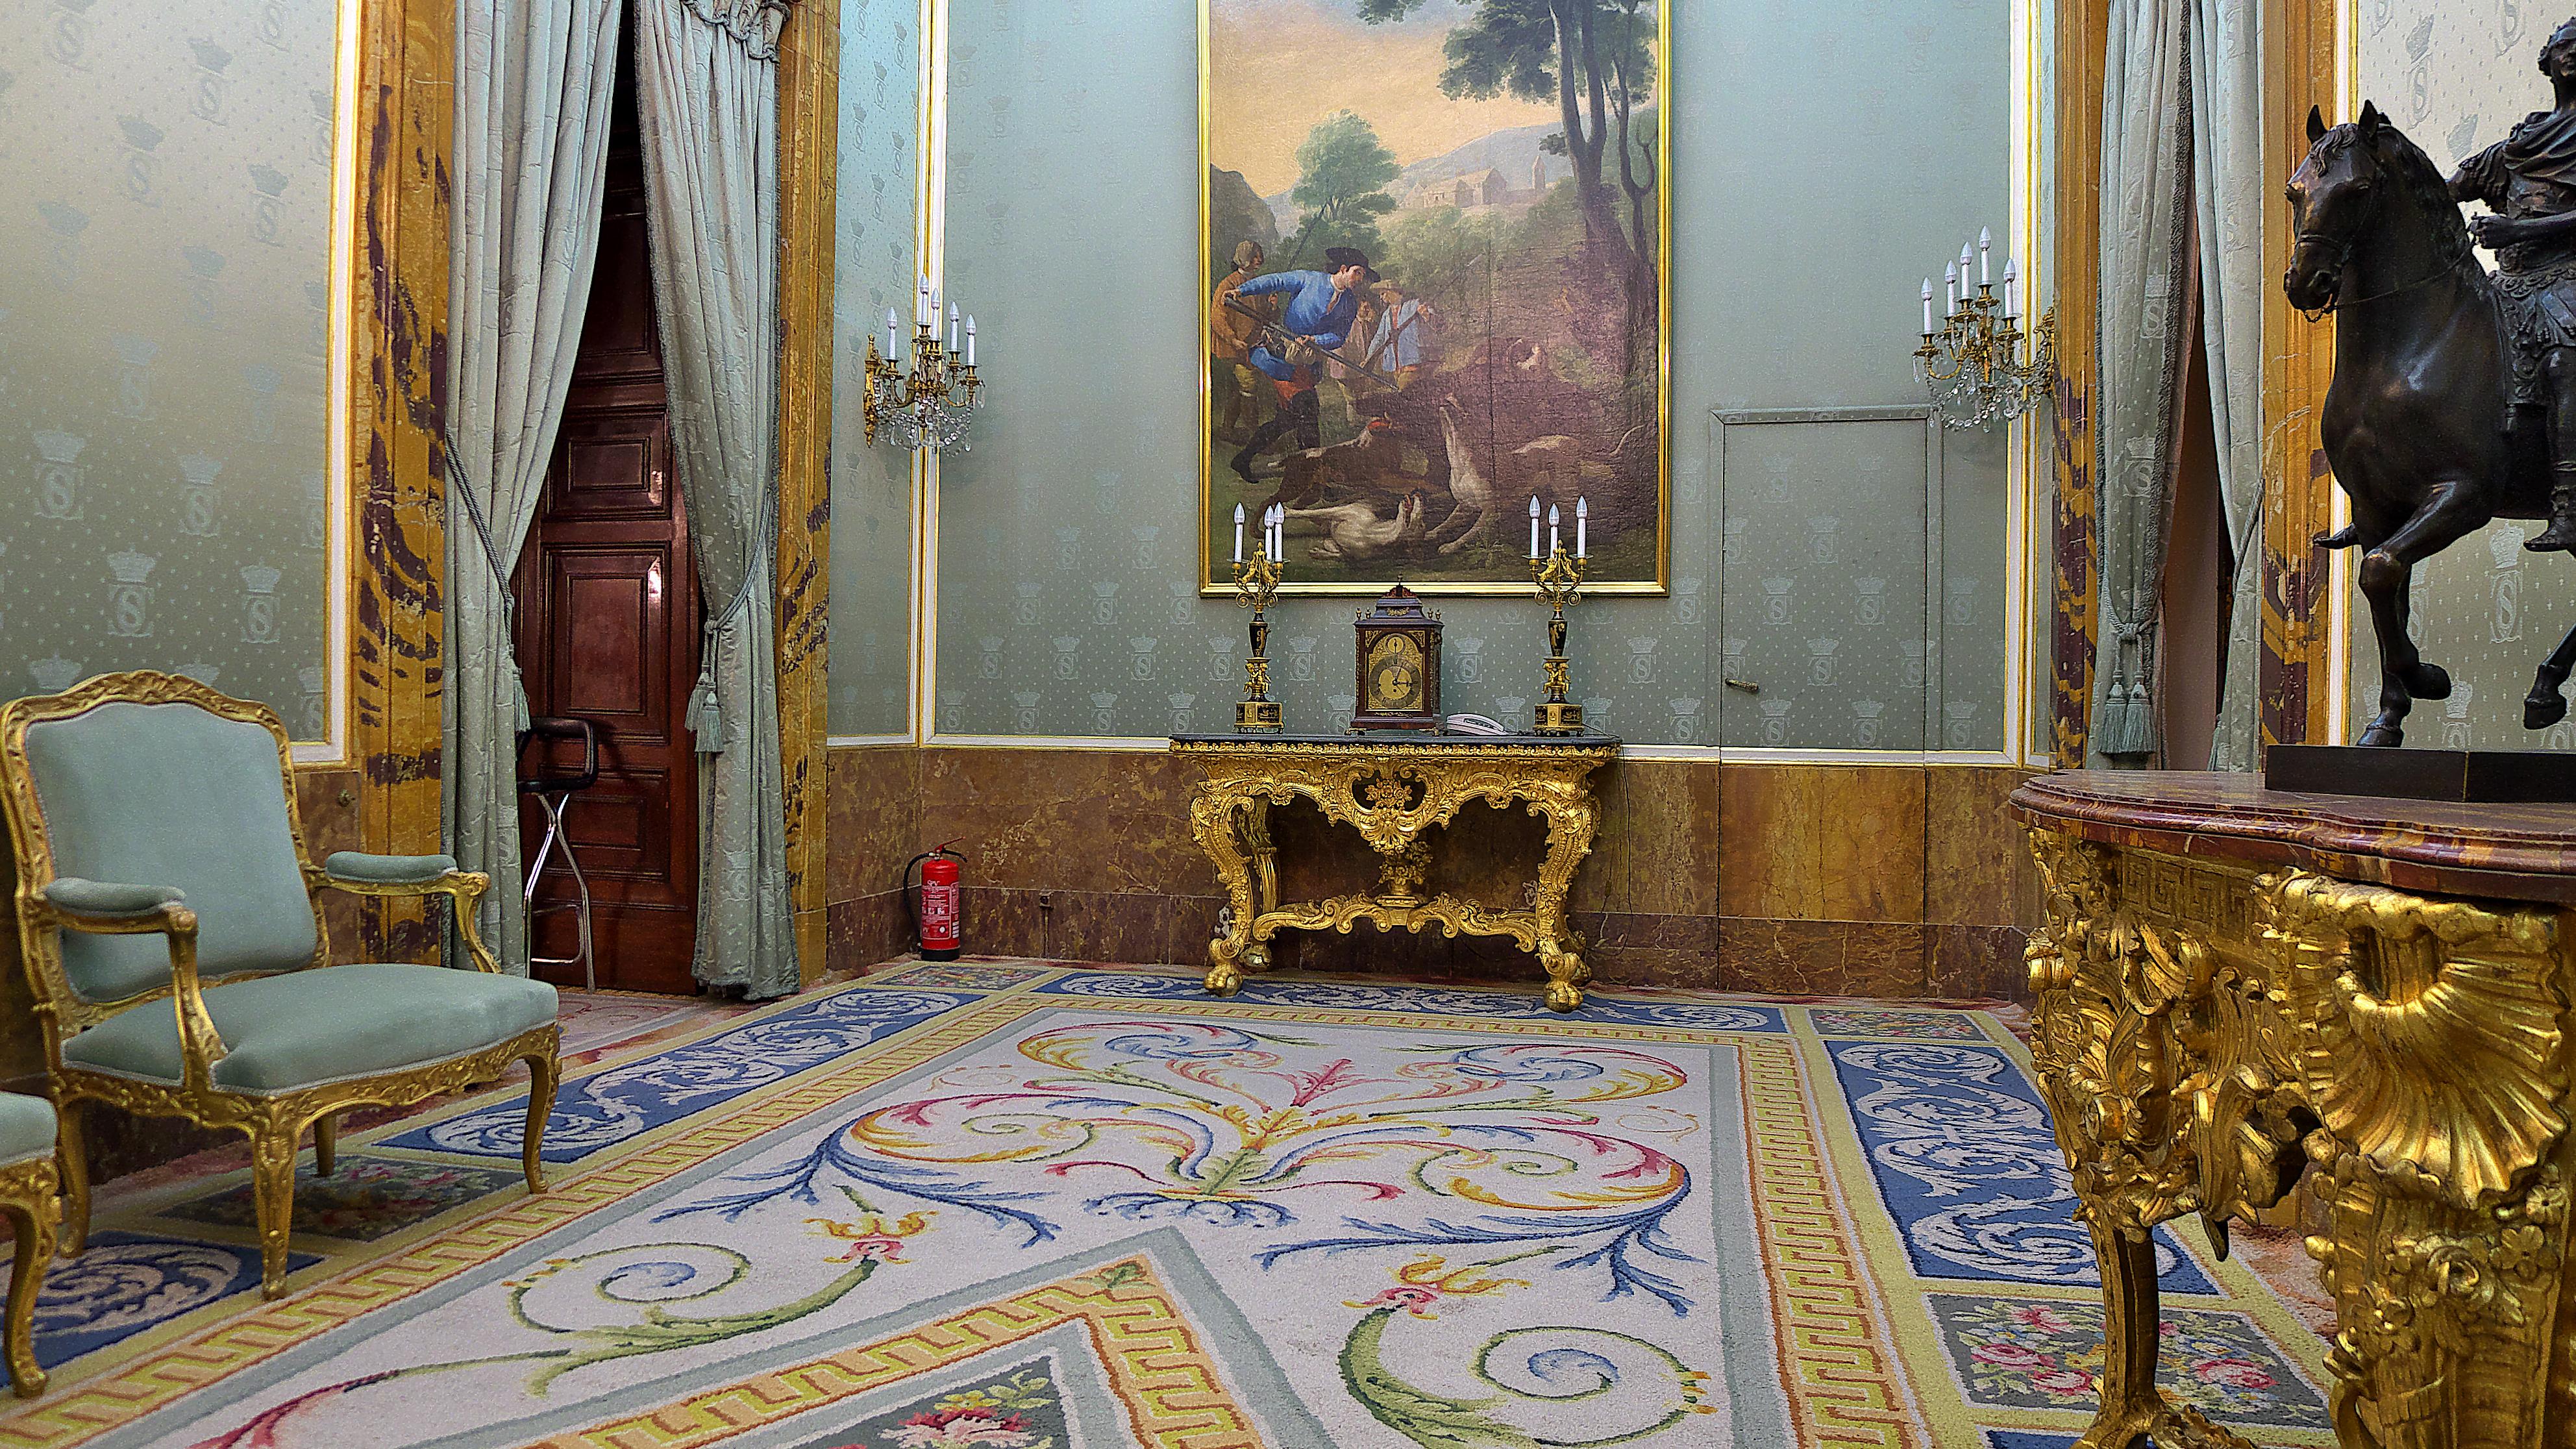 File:Cuarto de Carlos IV. Palacio Real de Madrid.jpg - Wikimedia Commons